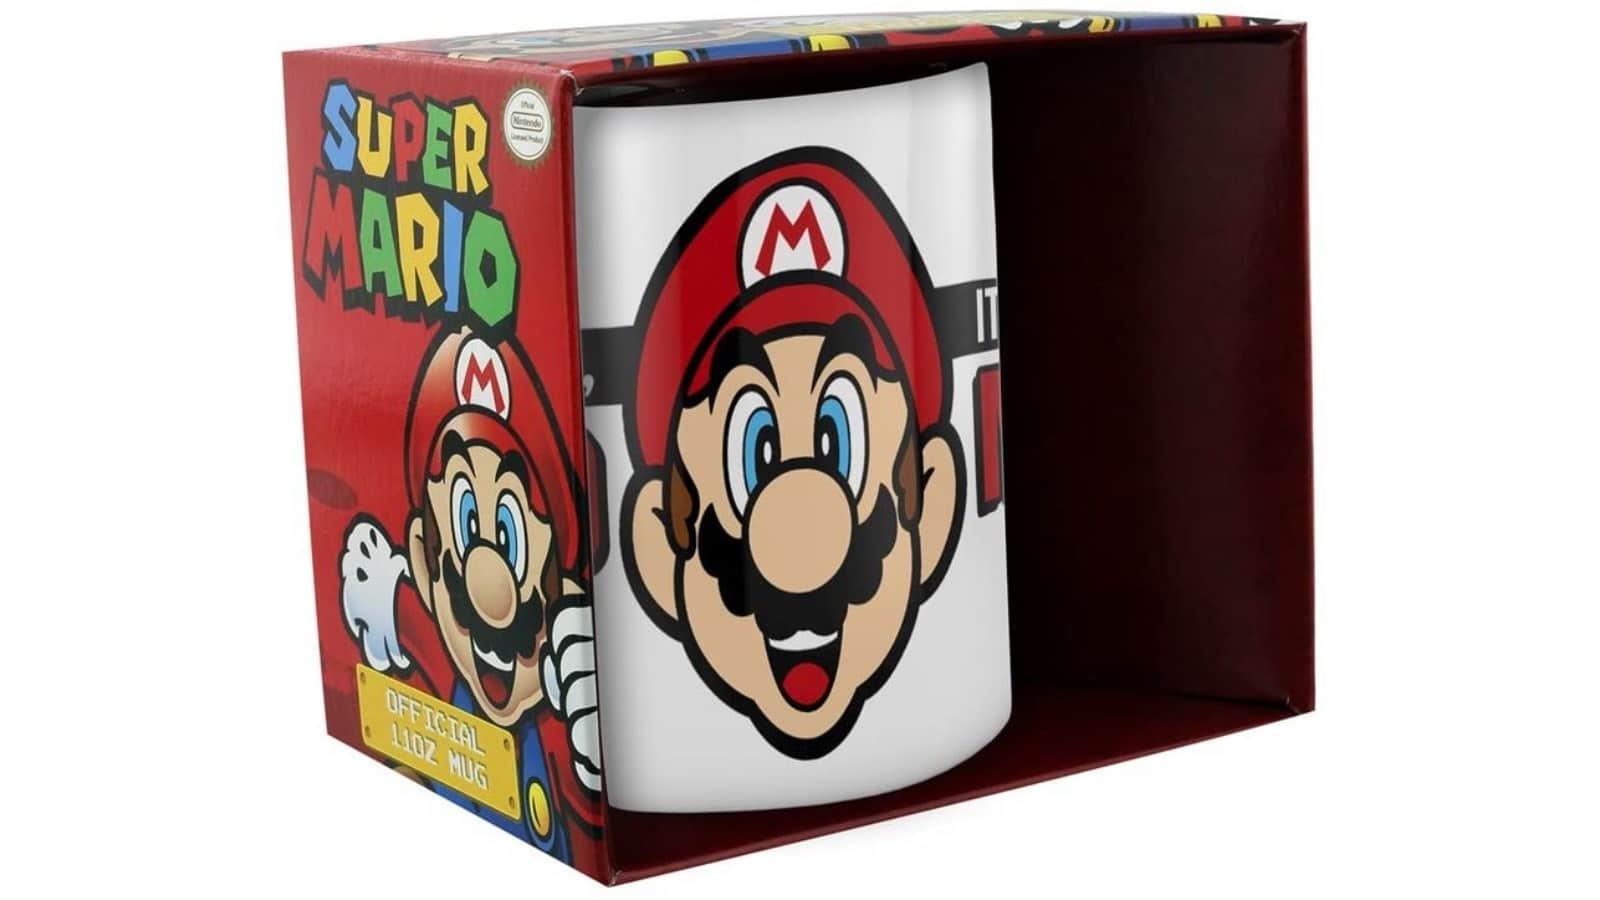 """אריזת הספל הלבן עם איור דמותו של סופר מריו וכיתוב """"It's-a me, Mario""""."""